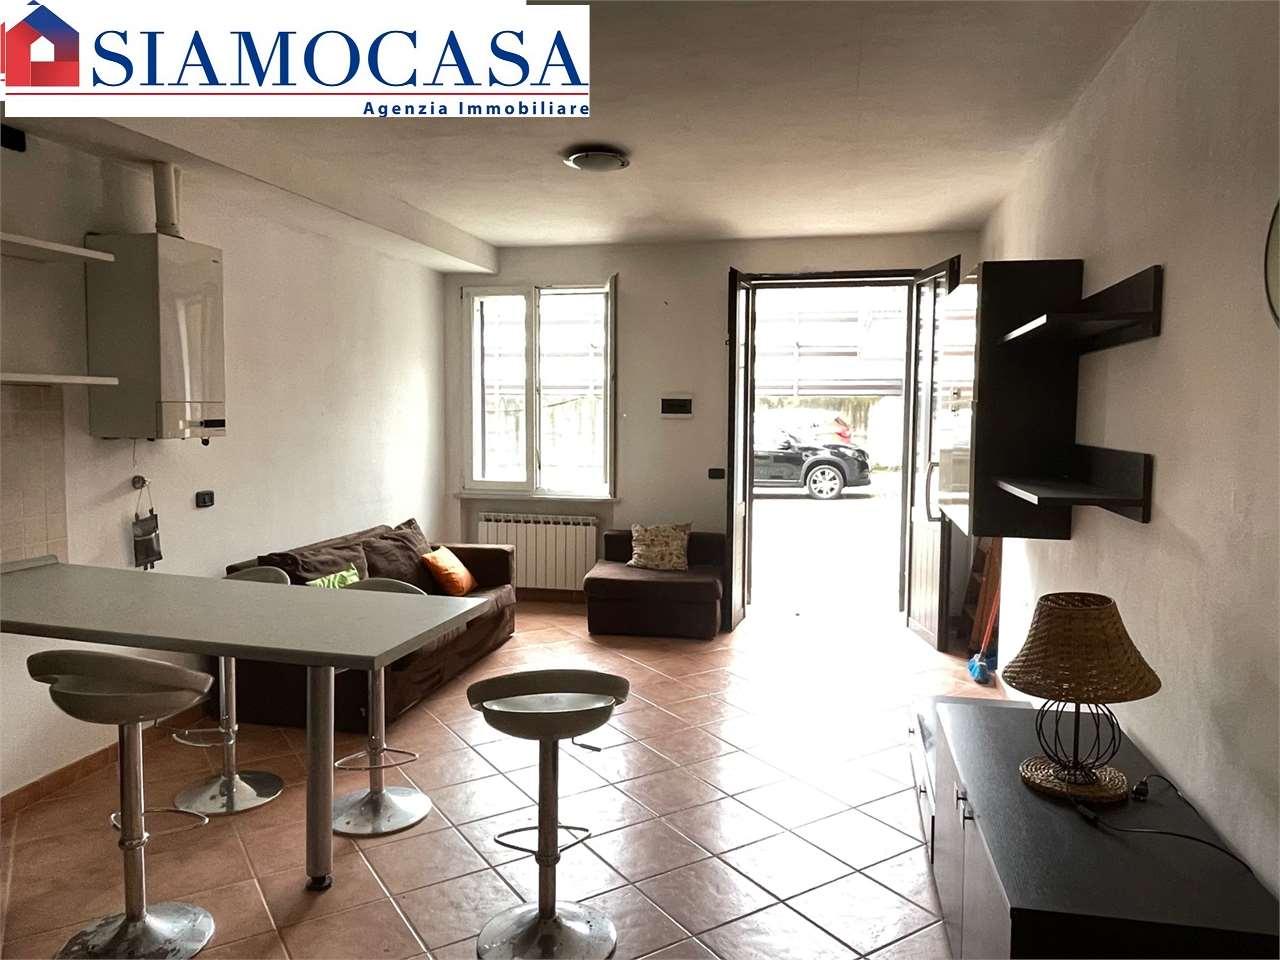 Appartamento in vendita a Solero, 2 locali, prezzo € 39.000 | CambioCasa.it